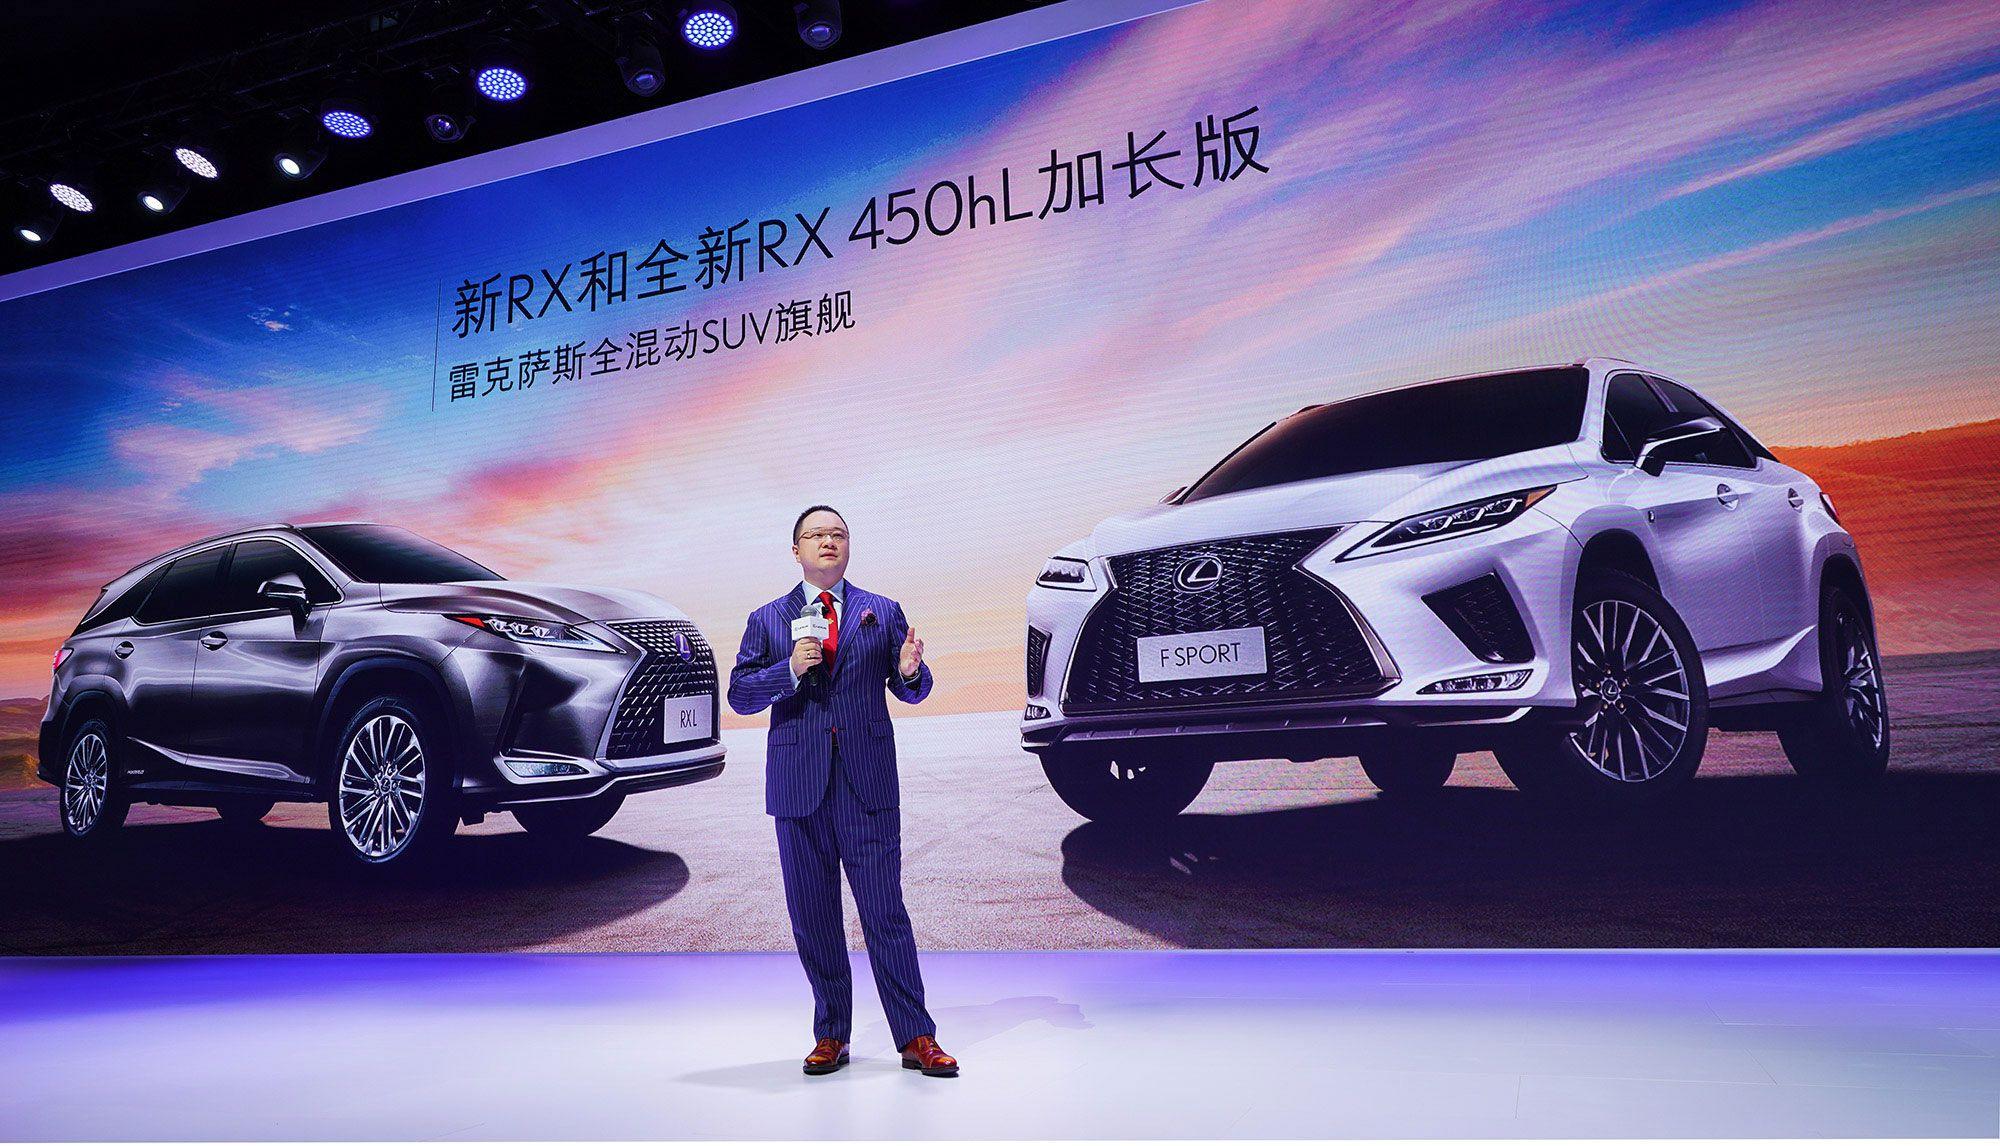 新RX及RX 450hL加长版上市 售39.8万元起